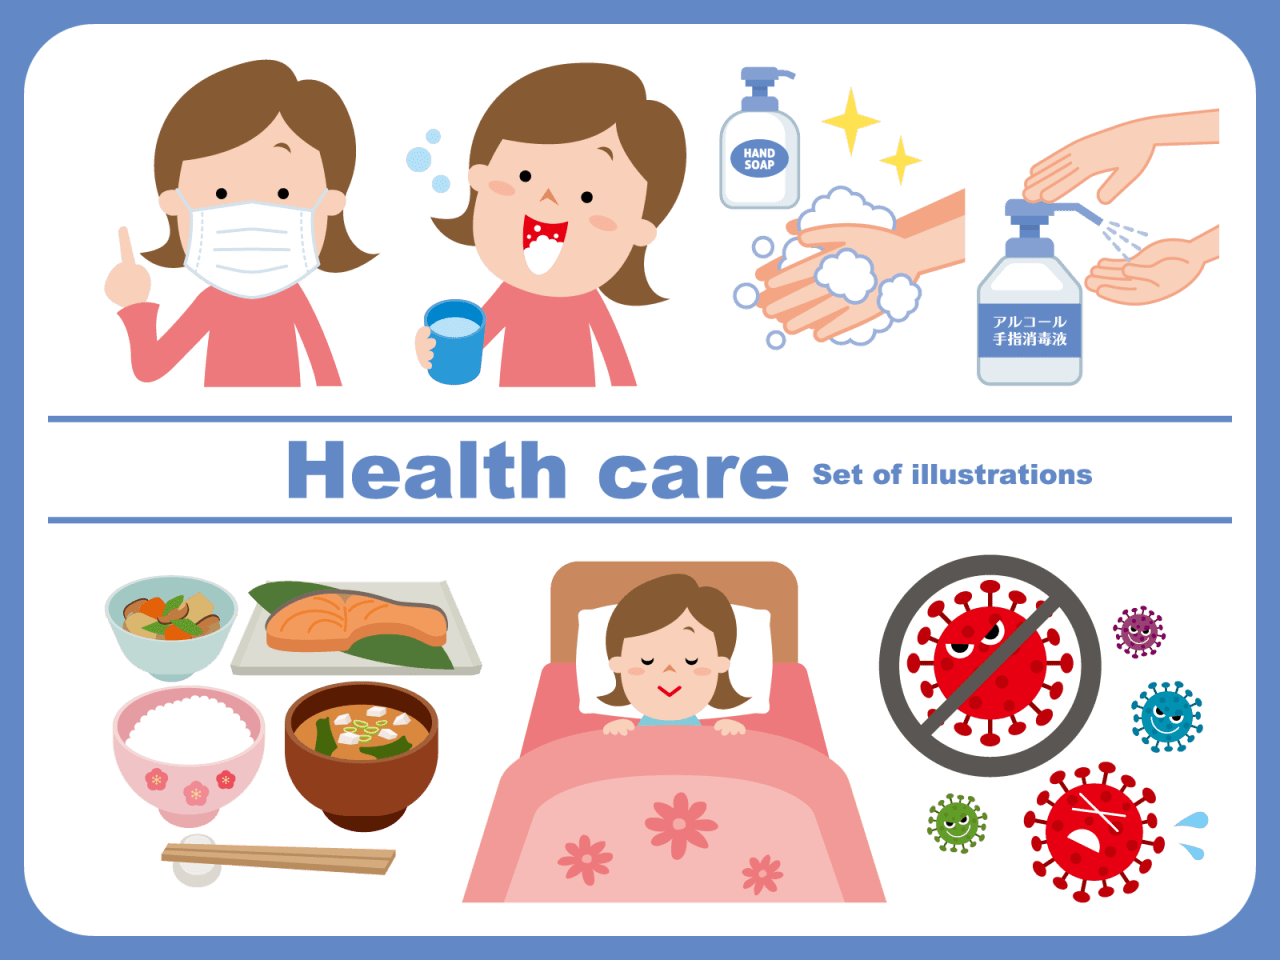 新型コロナウイルスの特徴と感染源を断つための対策方法